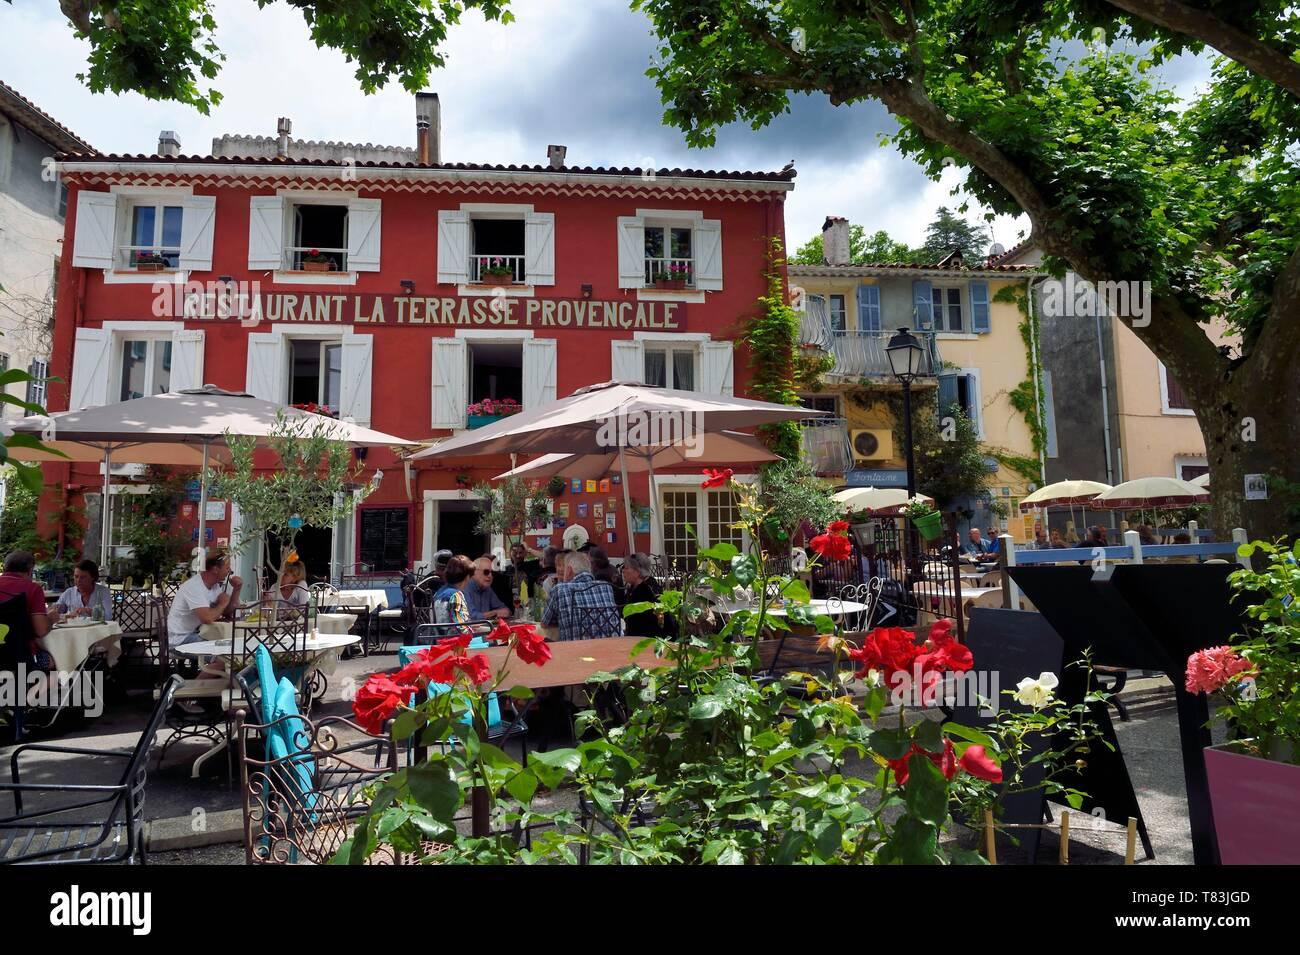 France, Var, Massif des Maures, Collobrieres, restaurant La ...